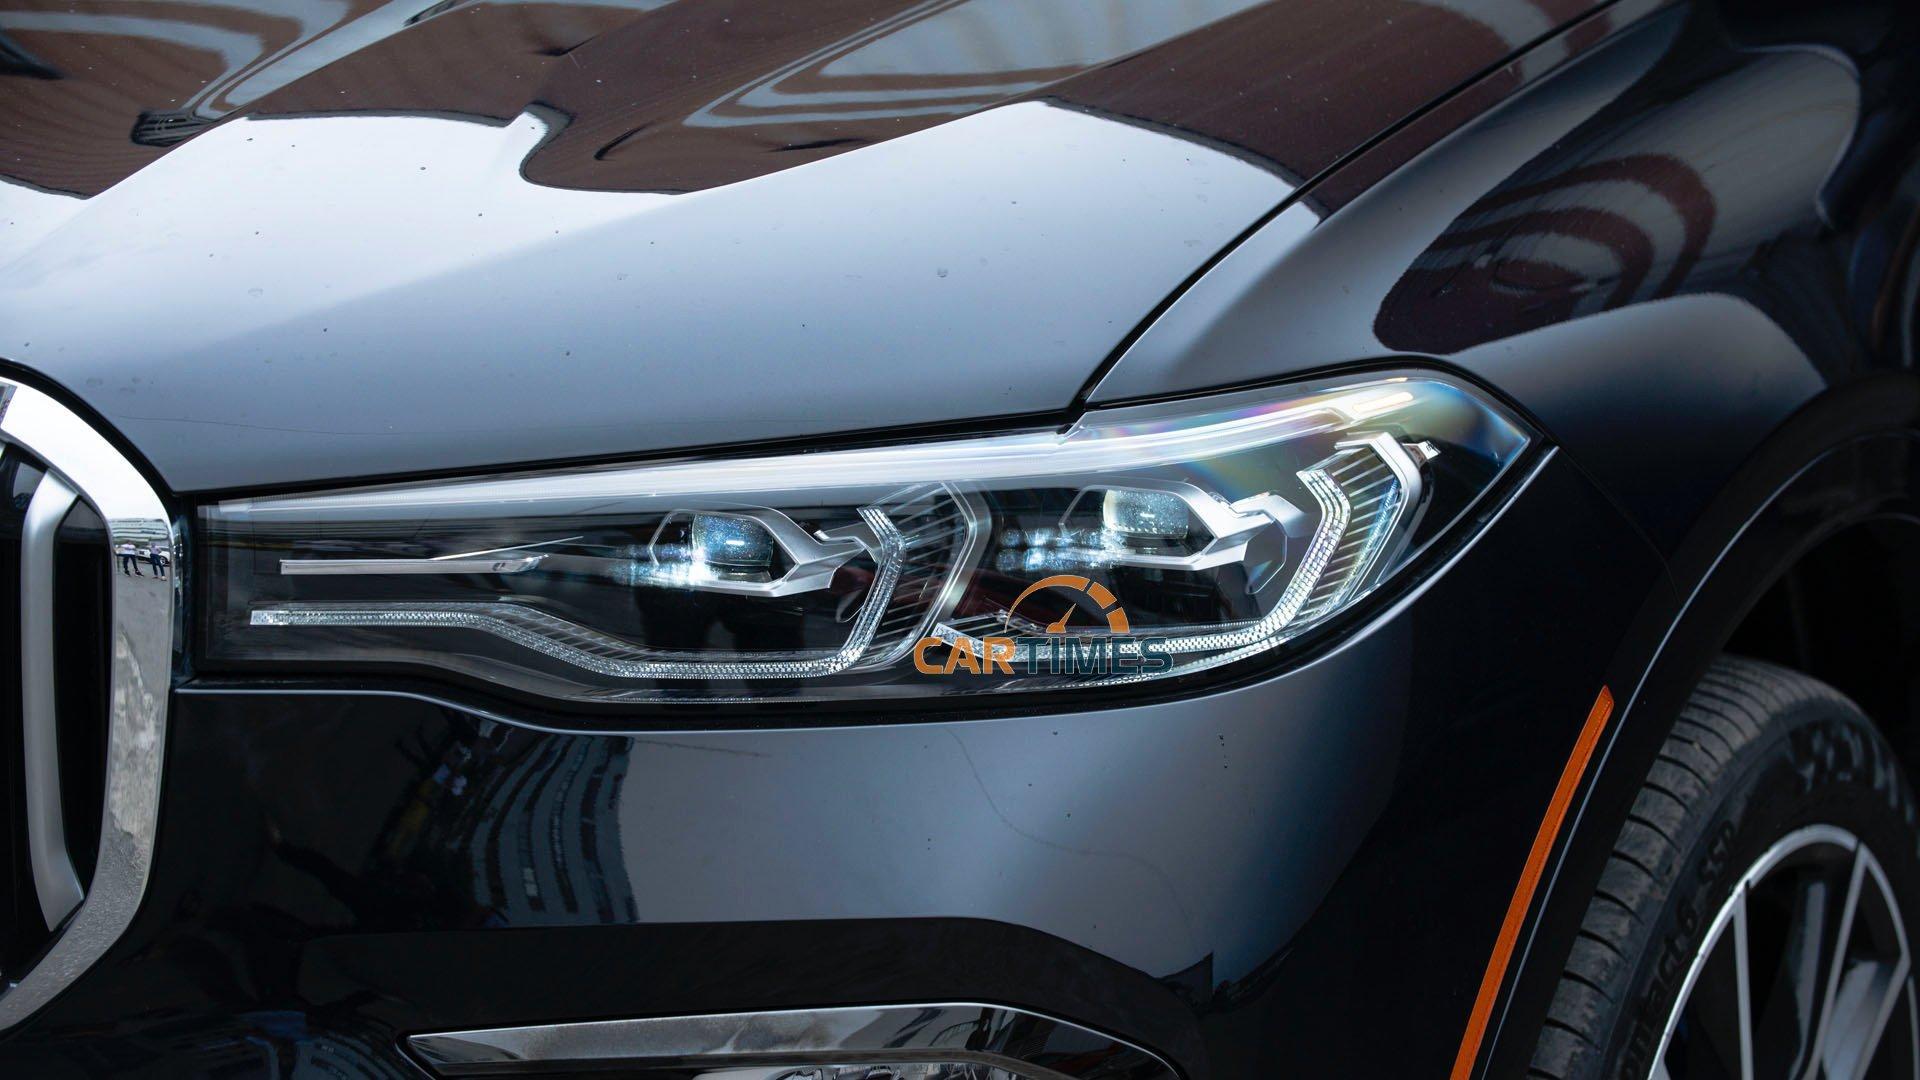 Giá hơn 7 tỷ đồng, BMW X7 thứ 2 về Việt Nam có những trang bị gì? Ảnh 10